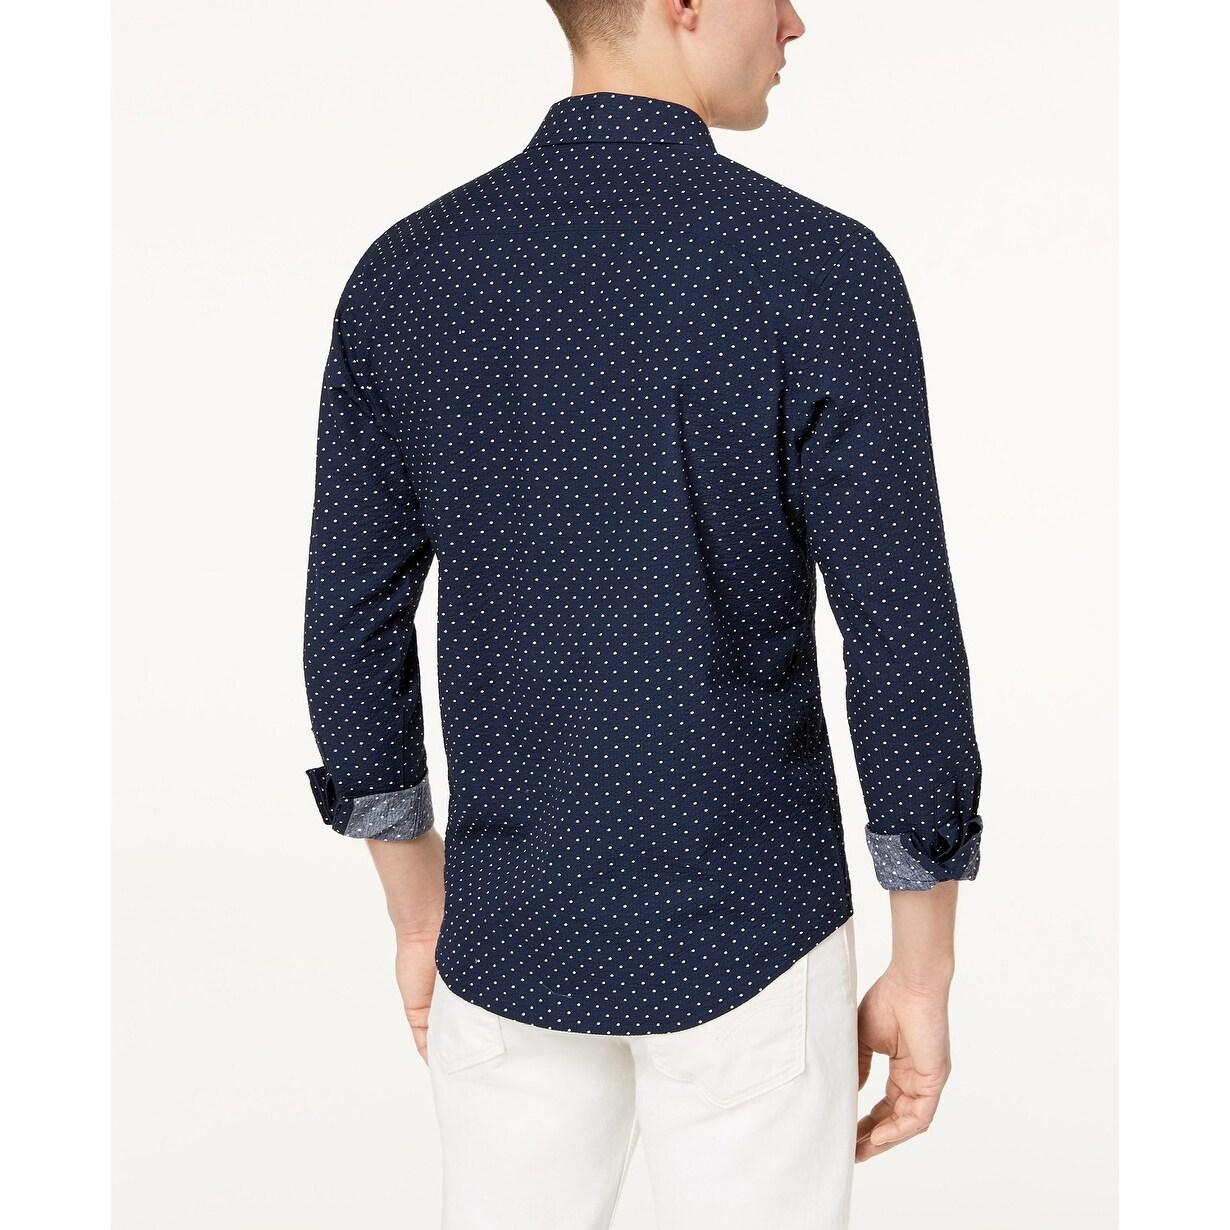 0f4e9dbb071 INC Navy Blue Mens Size Medium M Seersucker Button Down Shirt